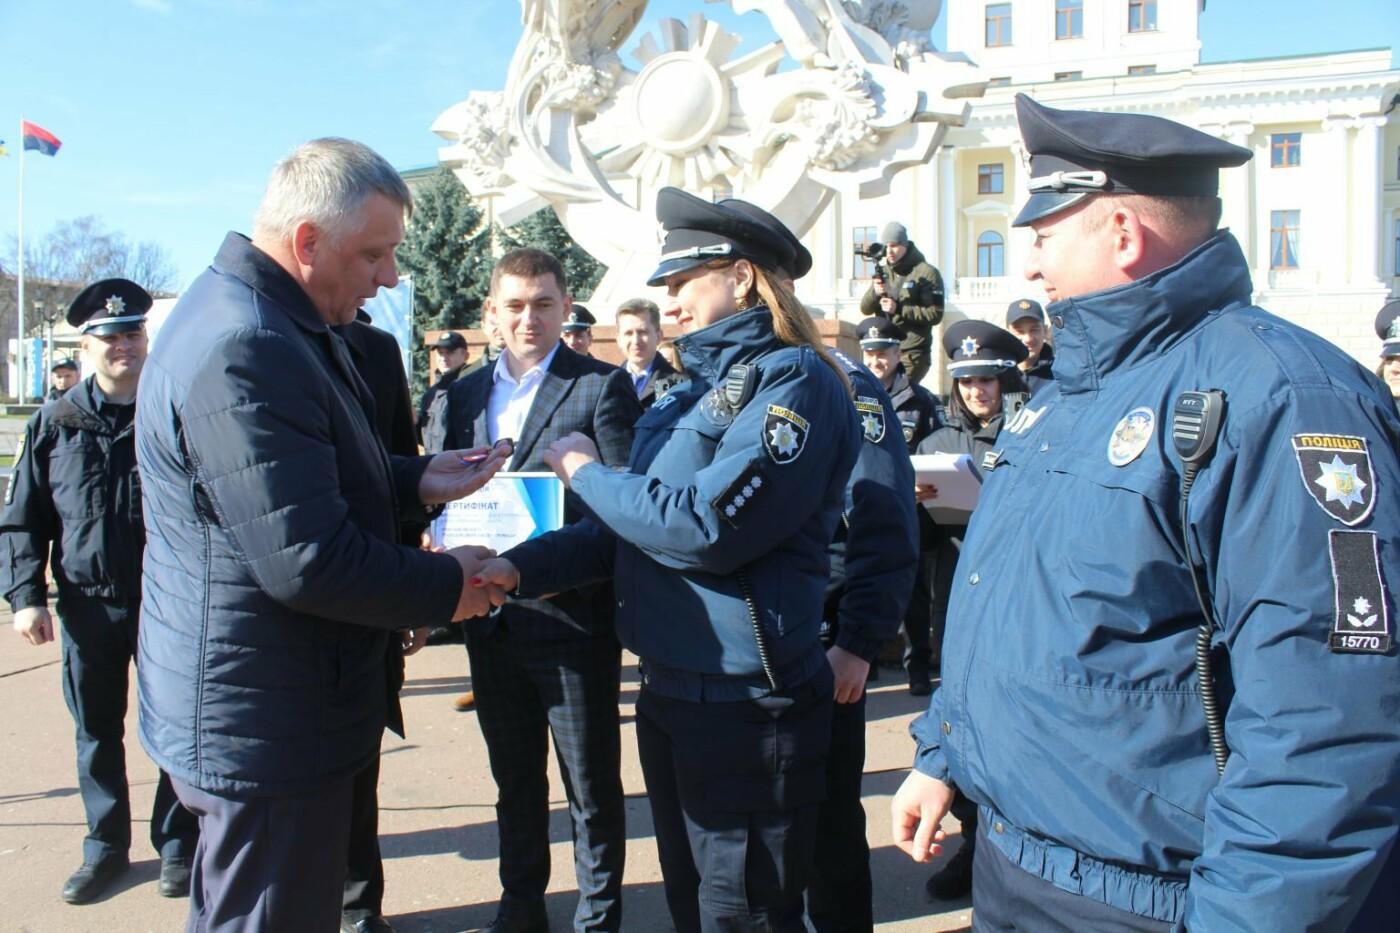 Поліцейські офіцери громади Кам'янеччини отримали службові автомобілі, фото-13, Фото: Хмельницька ОДА